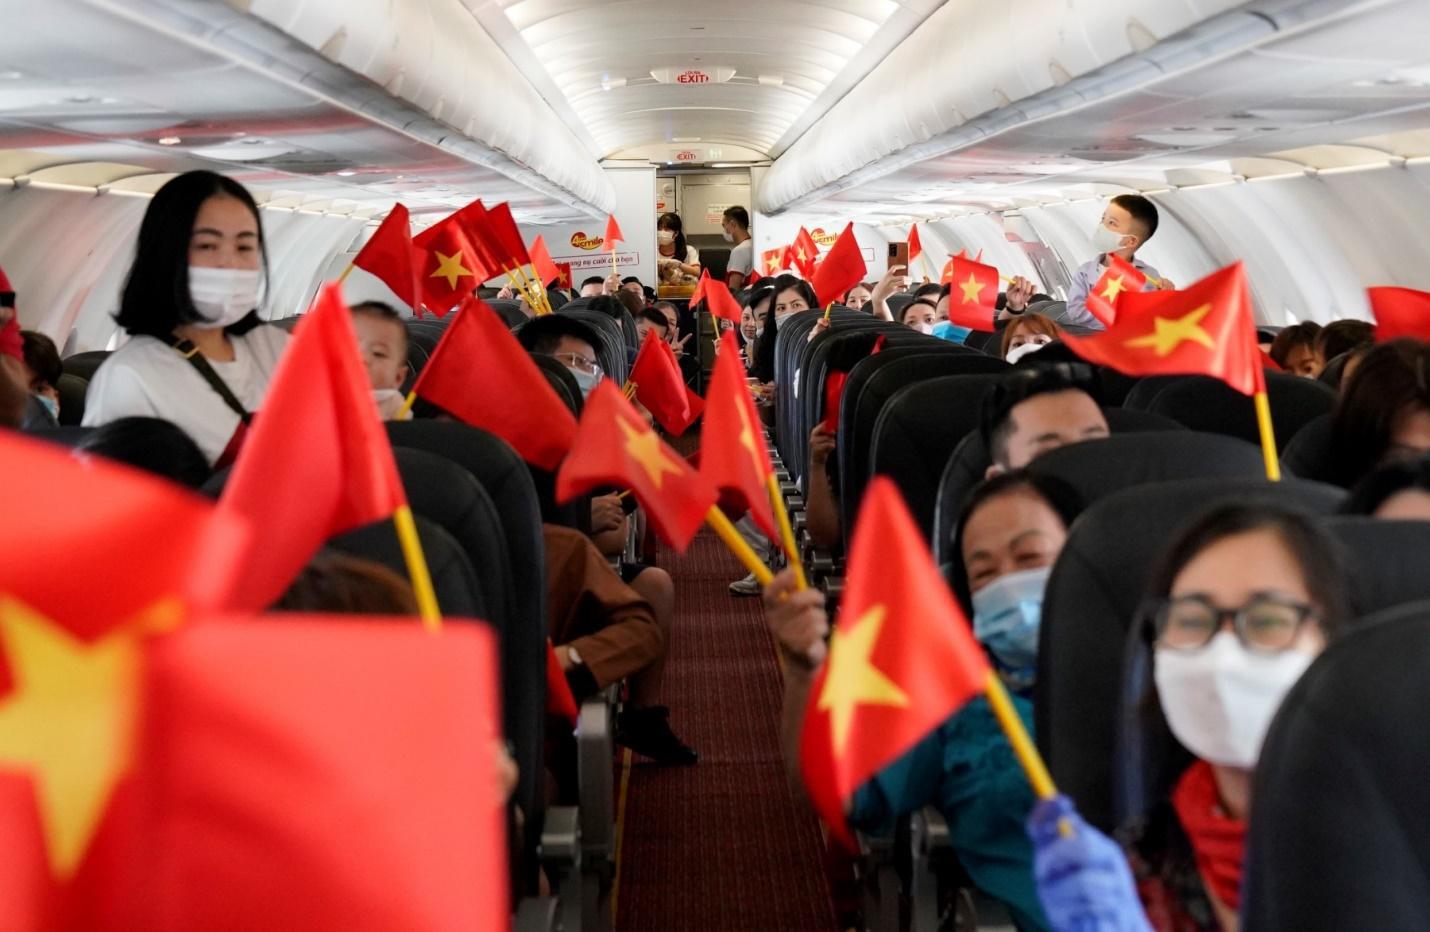 Hành trình đặc biệt mừng ngày Thống nhất đất nước 30/4 trên tàu bay Vietjet - Ảnh 3.